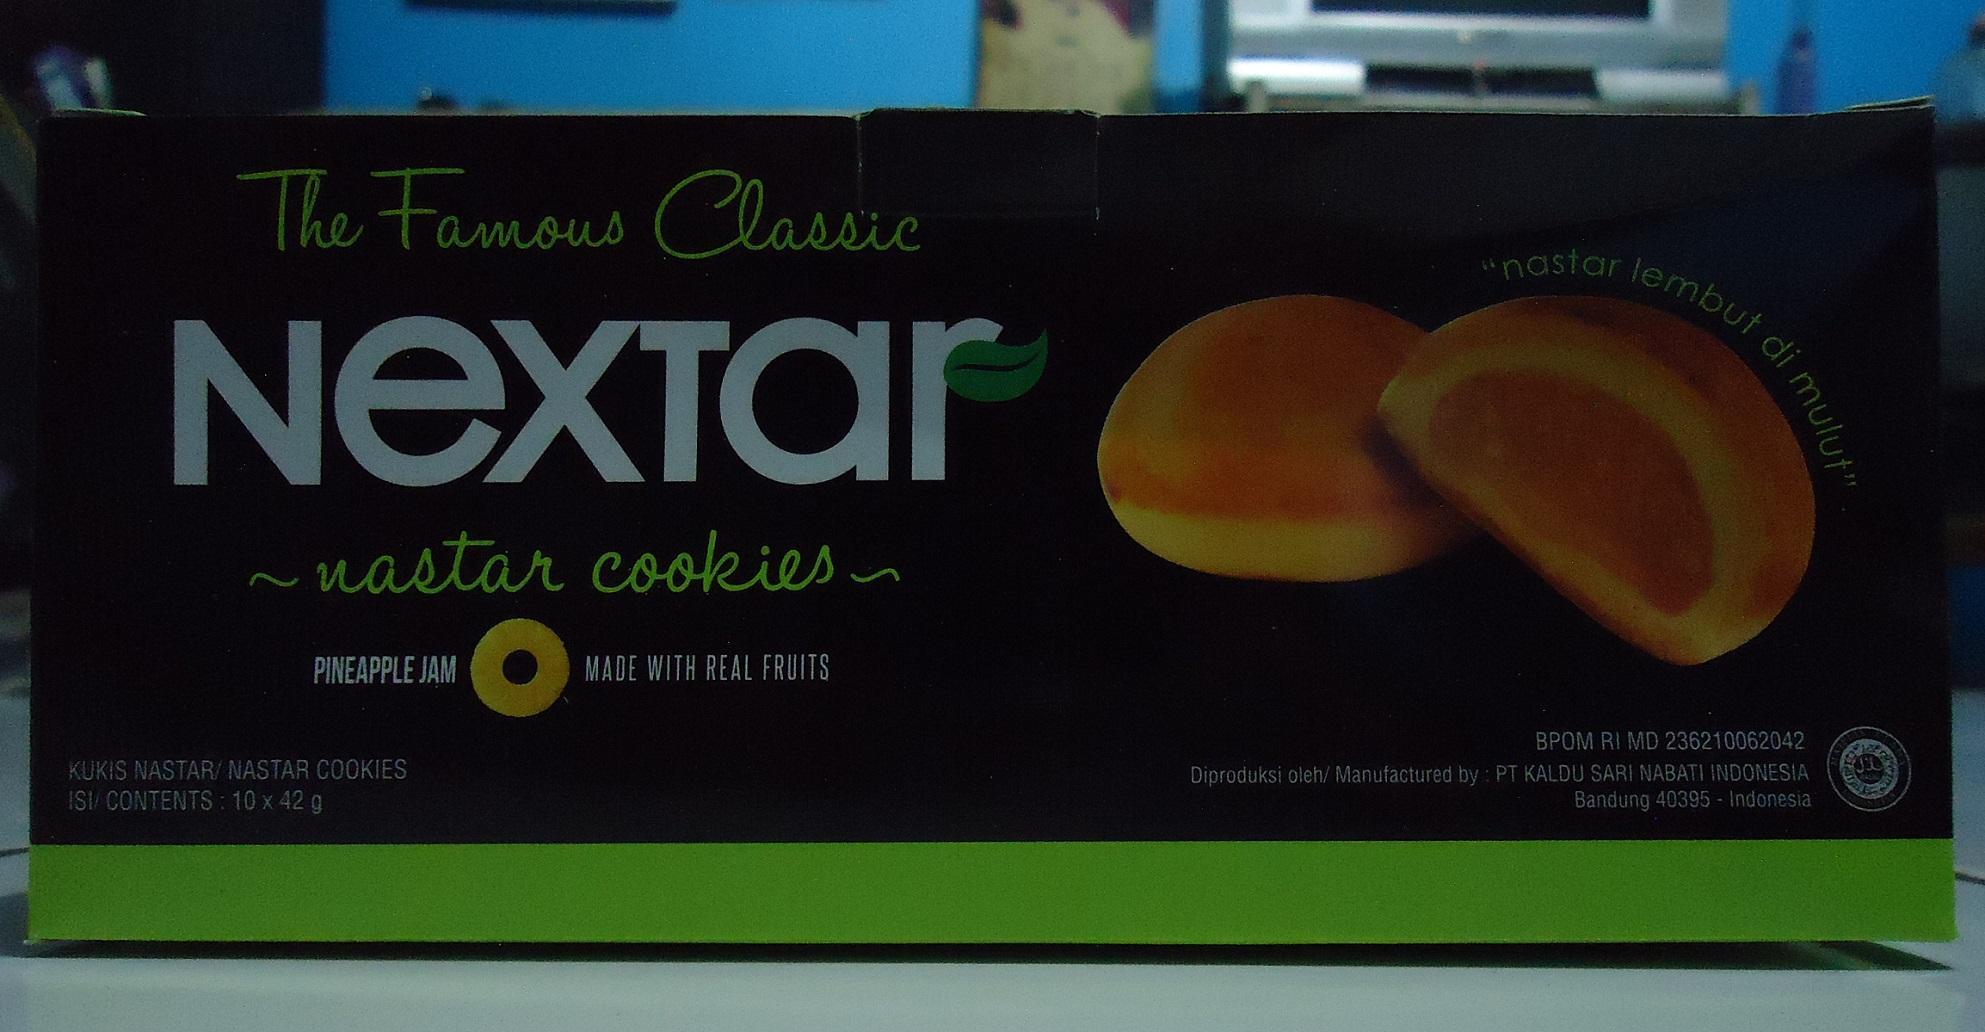 Nabati Nextar Nastar Cookies 2 Kotak Update Harga Terkini Dan Nanas Pineapple Jam Atau Brownies Cokelat 42g Isi Nanasidr17500 Rp 17800